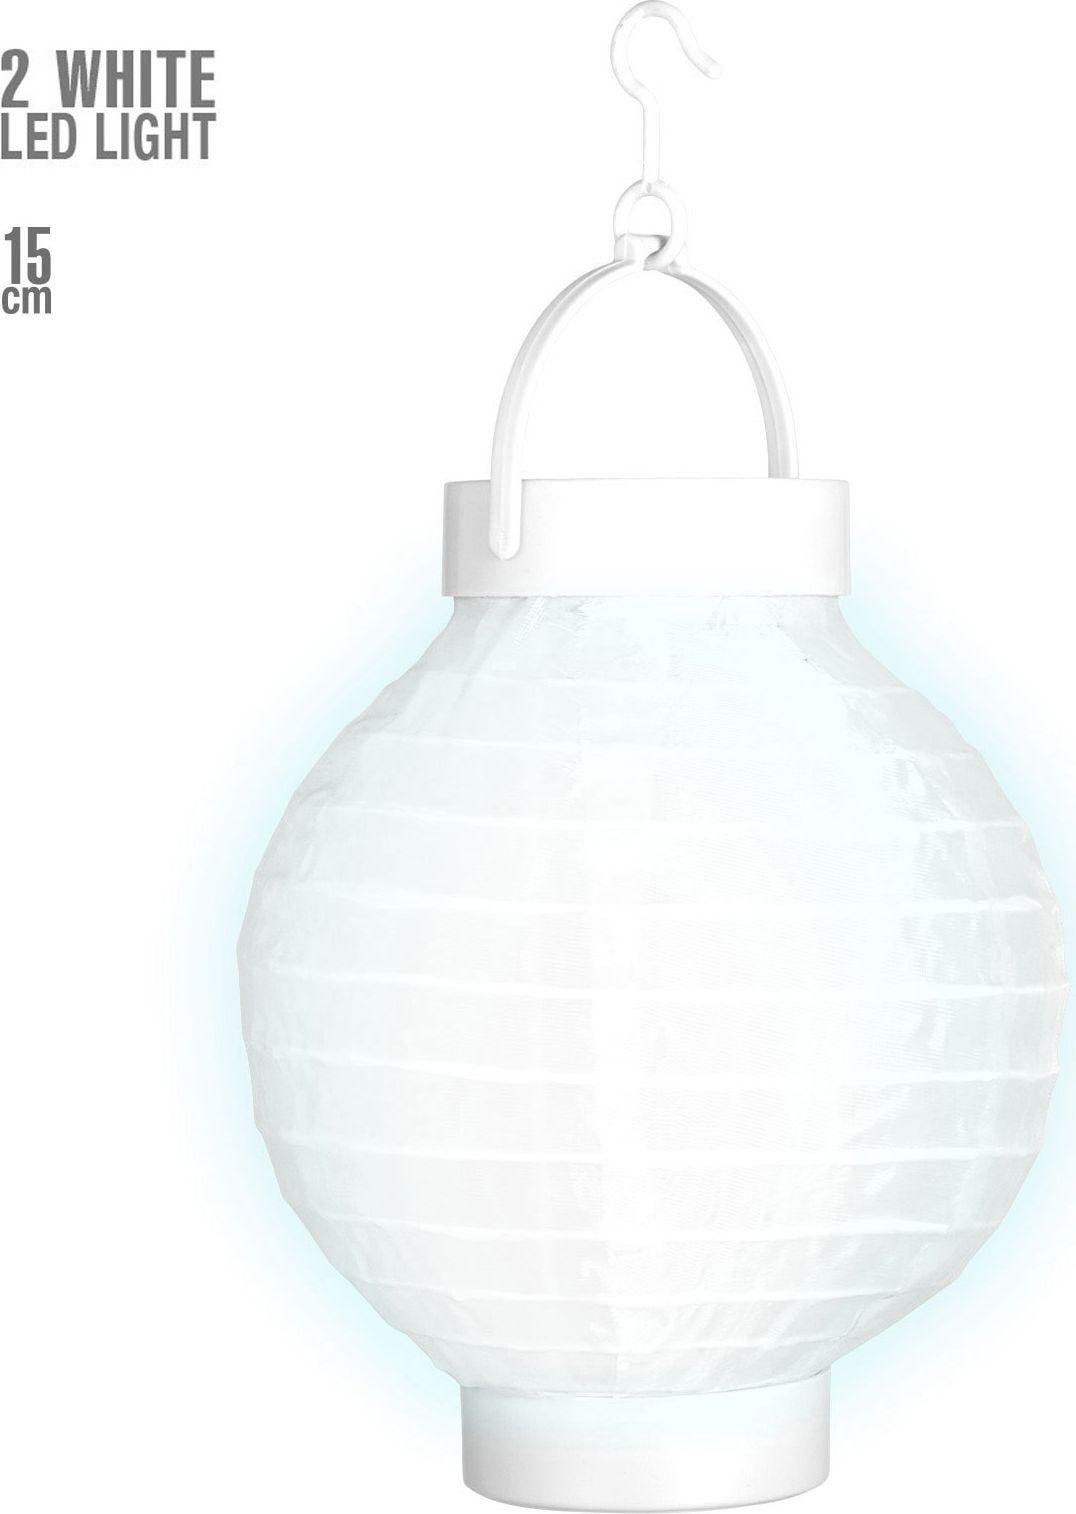 Witte stoffen lampion met 2 witte LED lichten